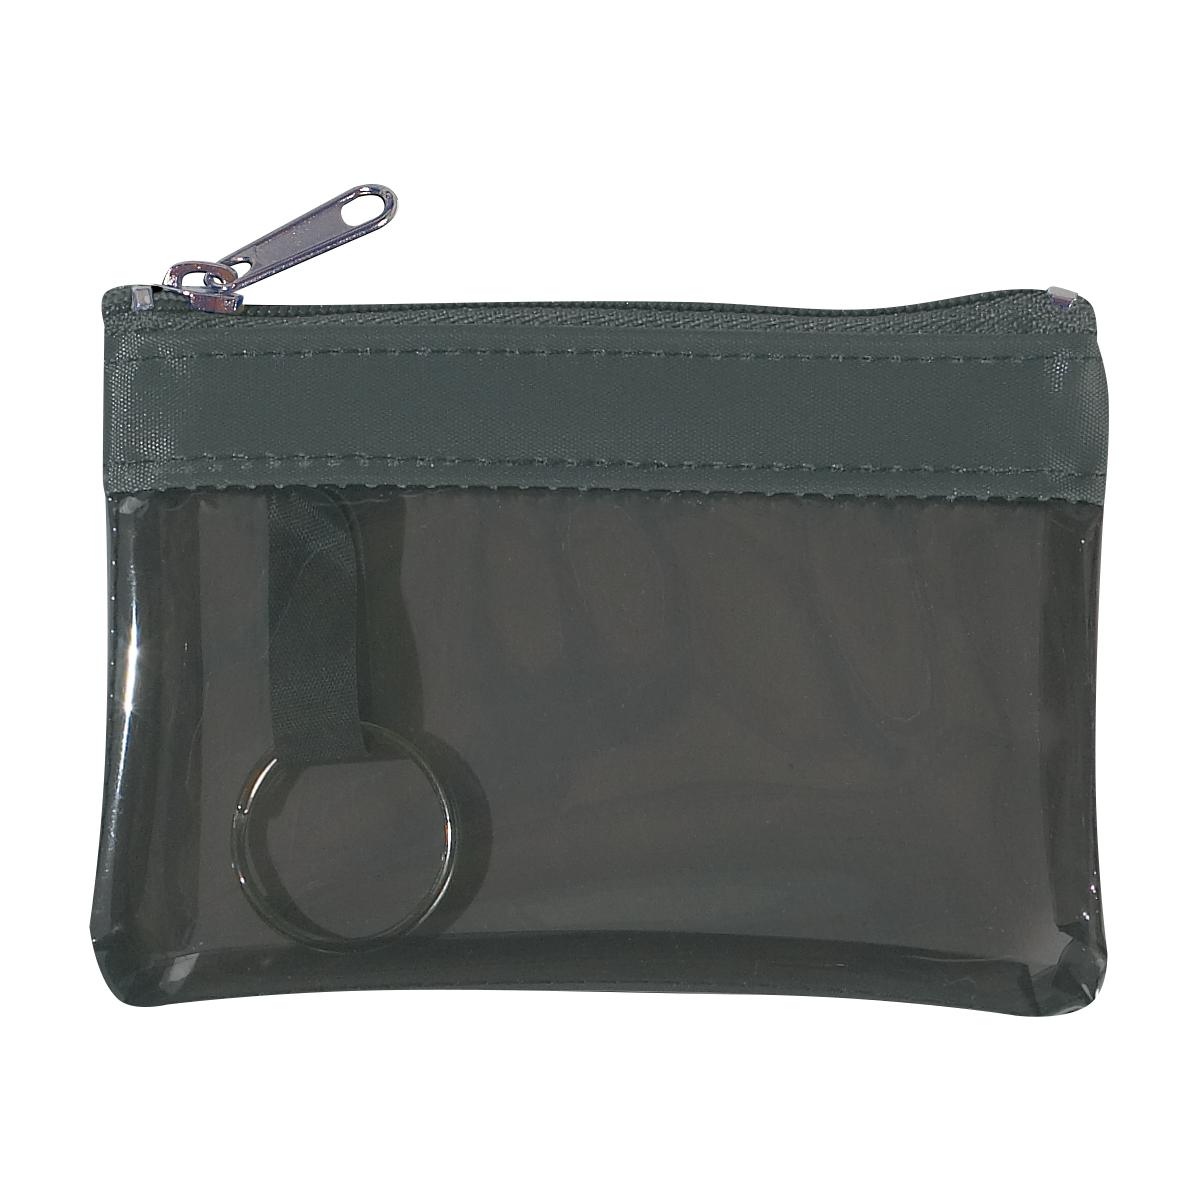 9480 - Monedero translúcido con zipper